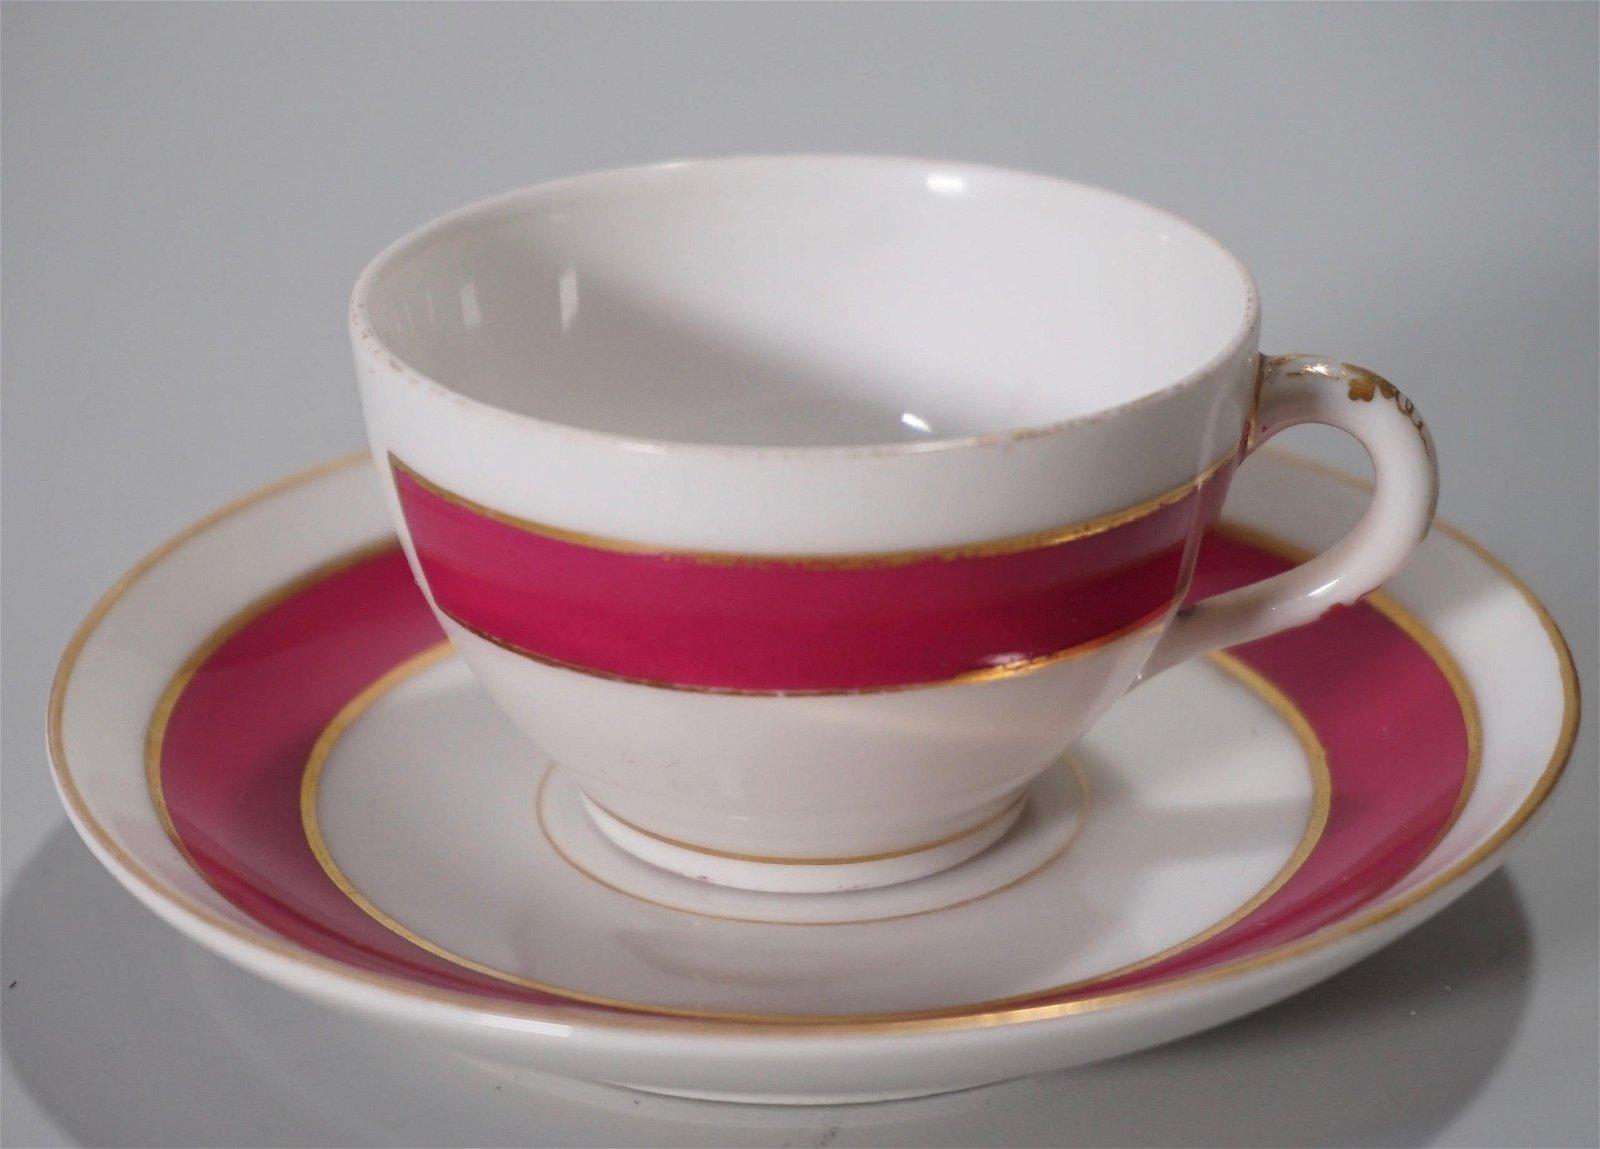 Initialed Vintage Porcelain Demitasse Cup & Saucer Set